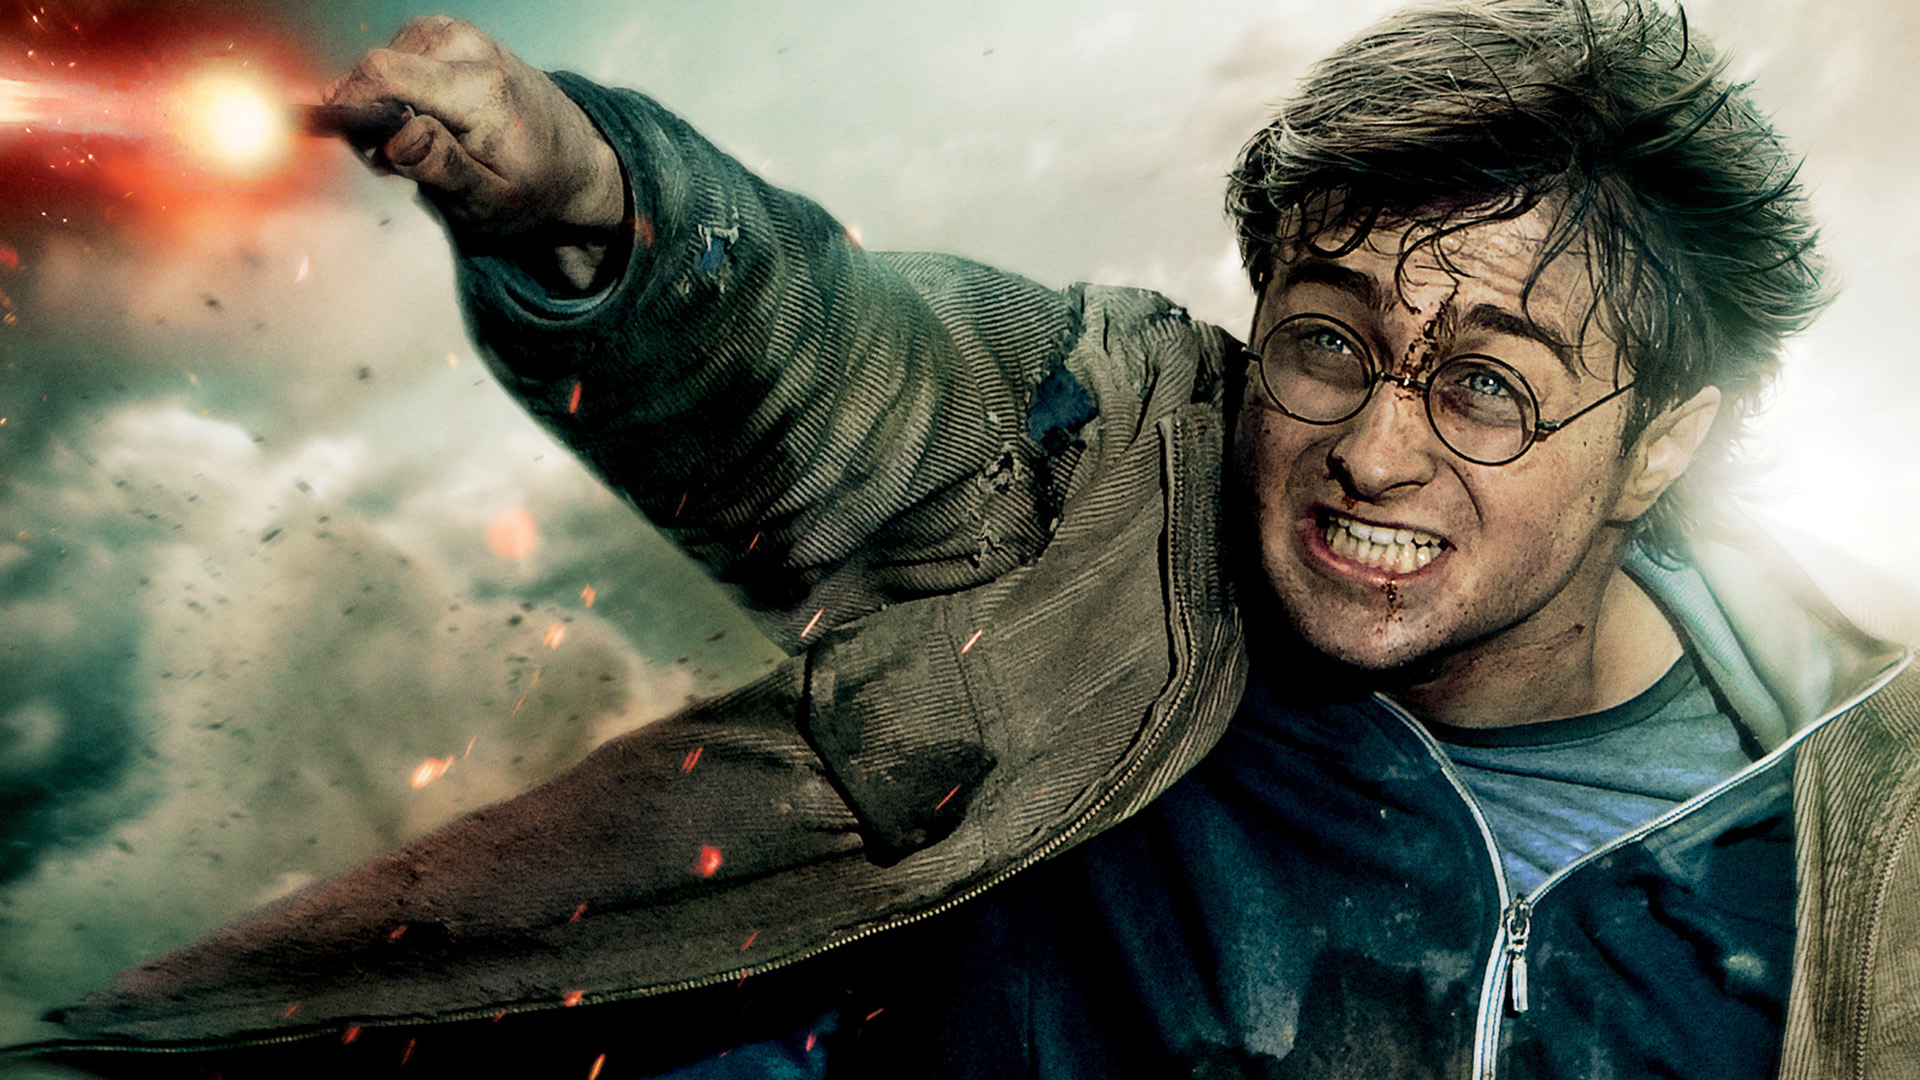 Fondos De Harry Potter Y Las Reliquias De La Muerte